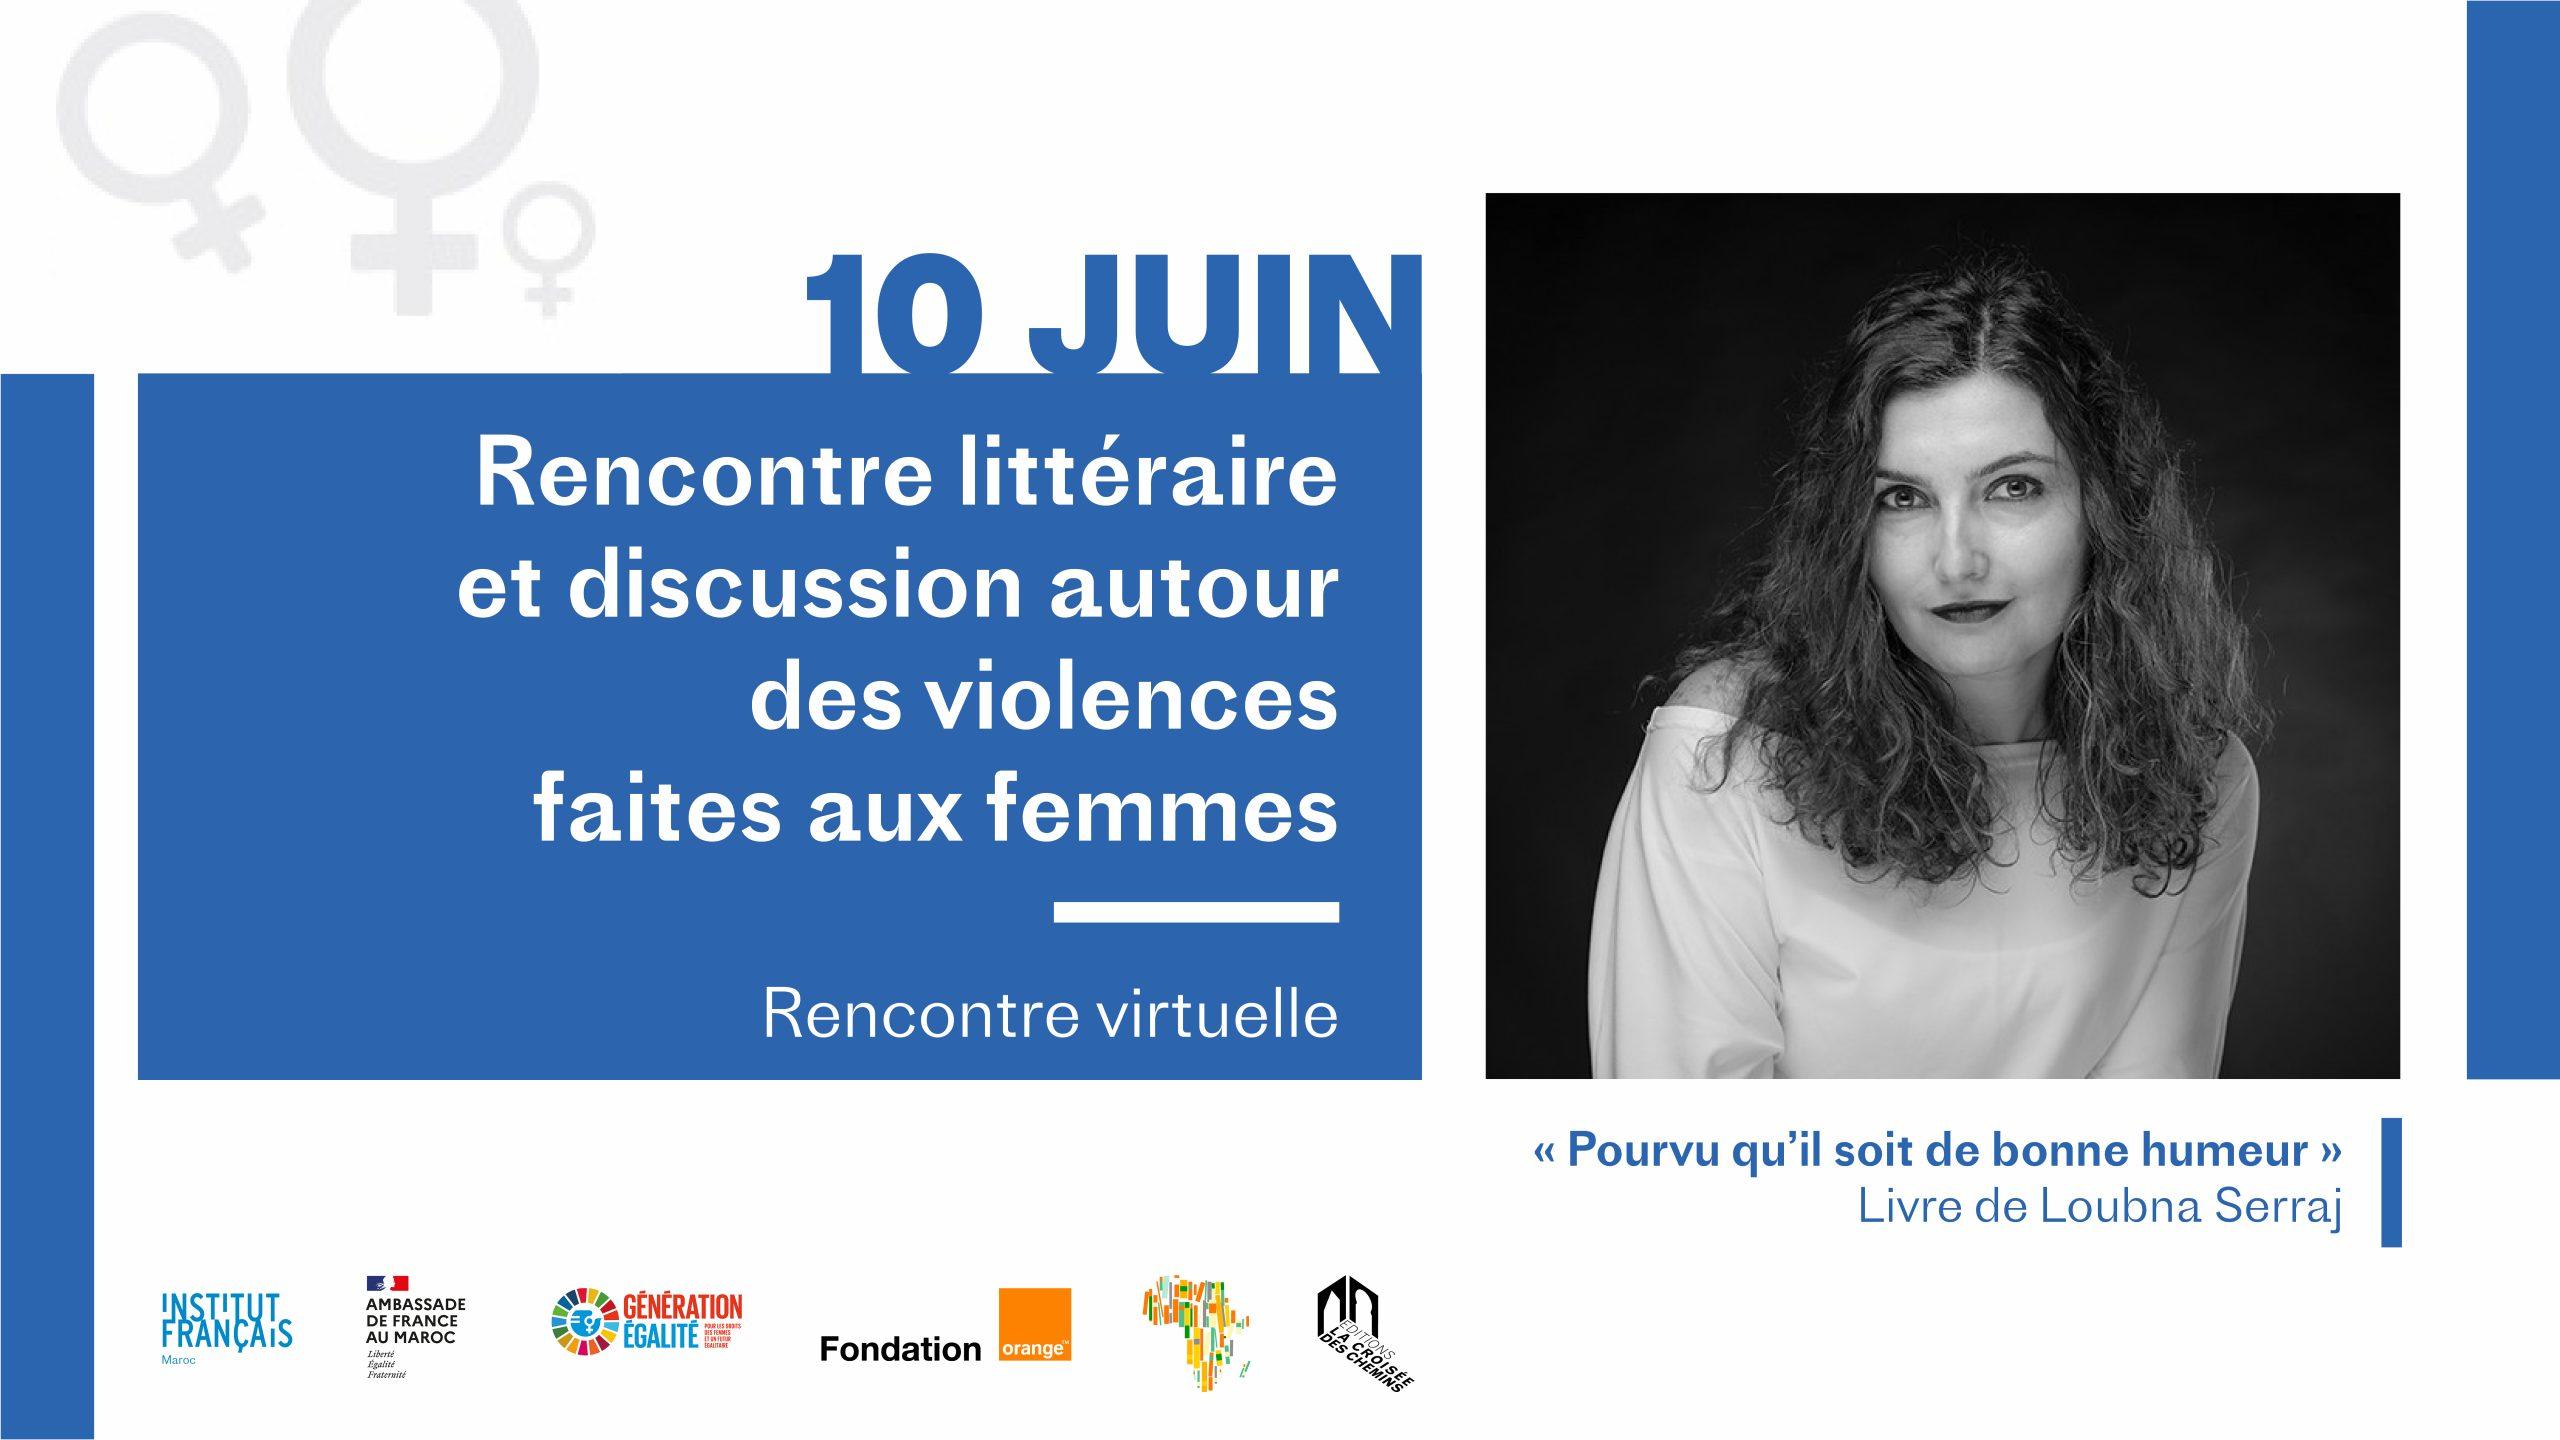 Rencontre gratuite - célibataires du Maroc